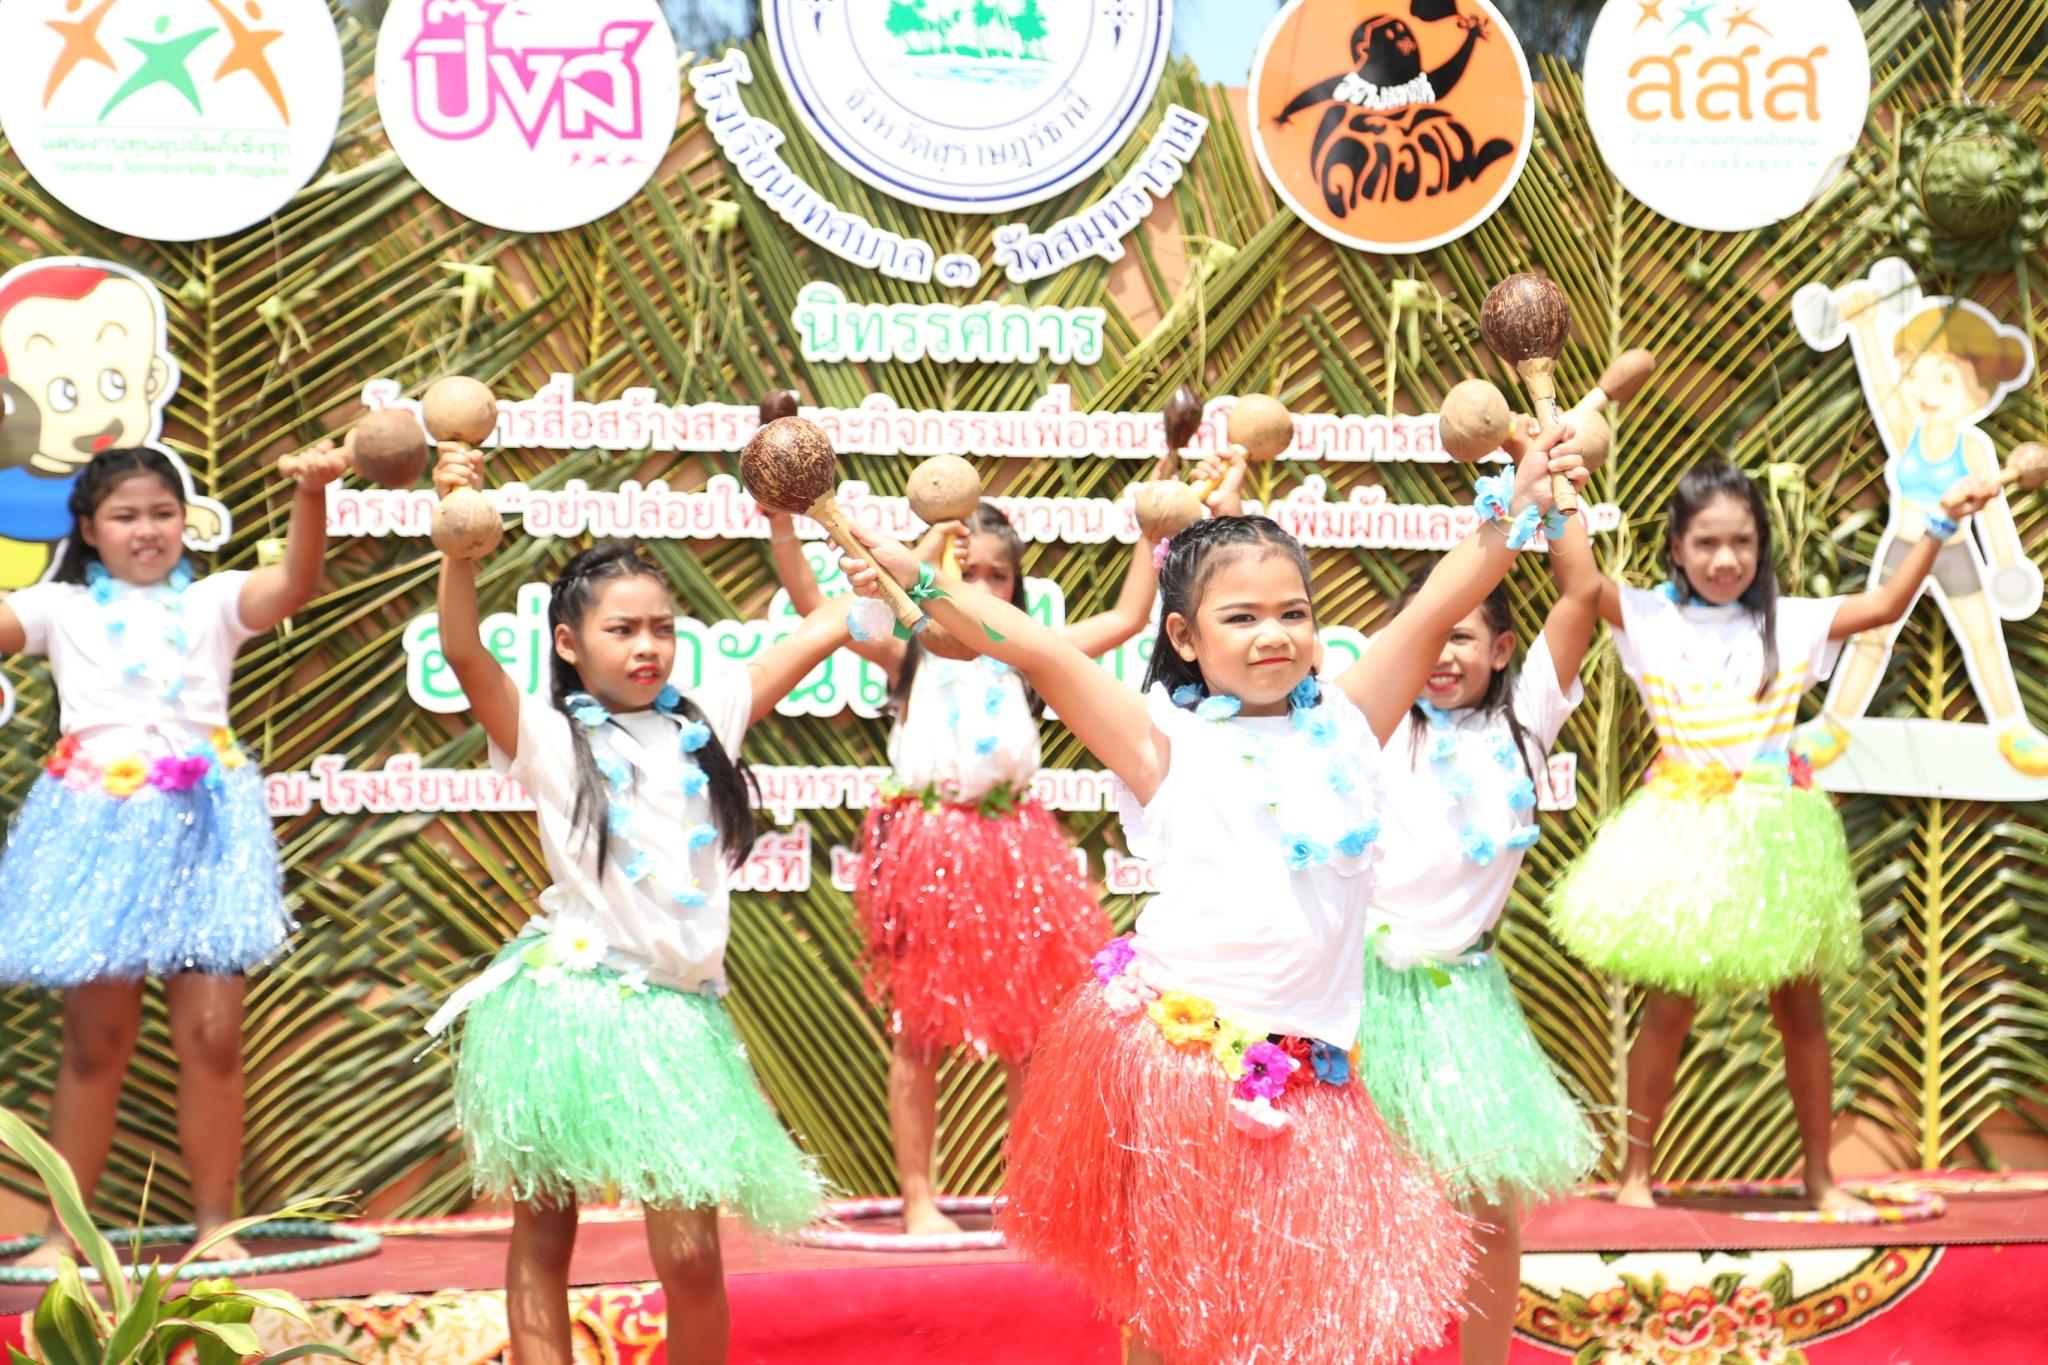 'อยู่เกาะนี้ไม่มีไขมันเกาะ' สร้าง 3 อ. อย่าปล่อยให้เด็กอ้วน  thaihealth